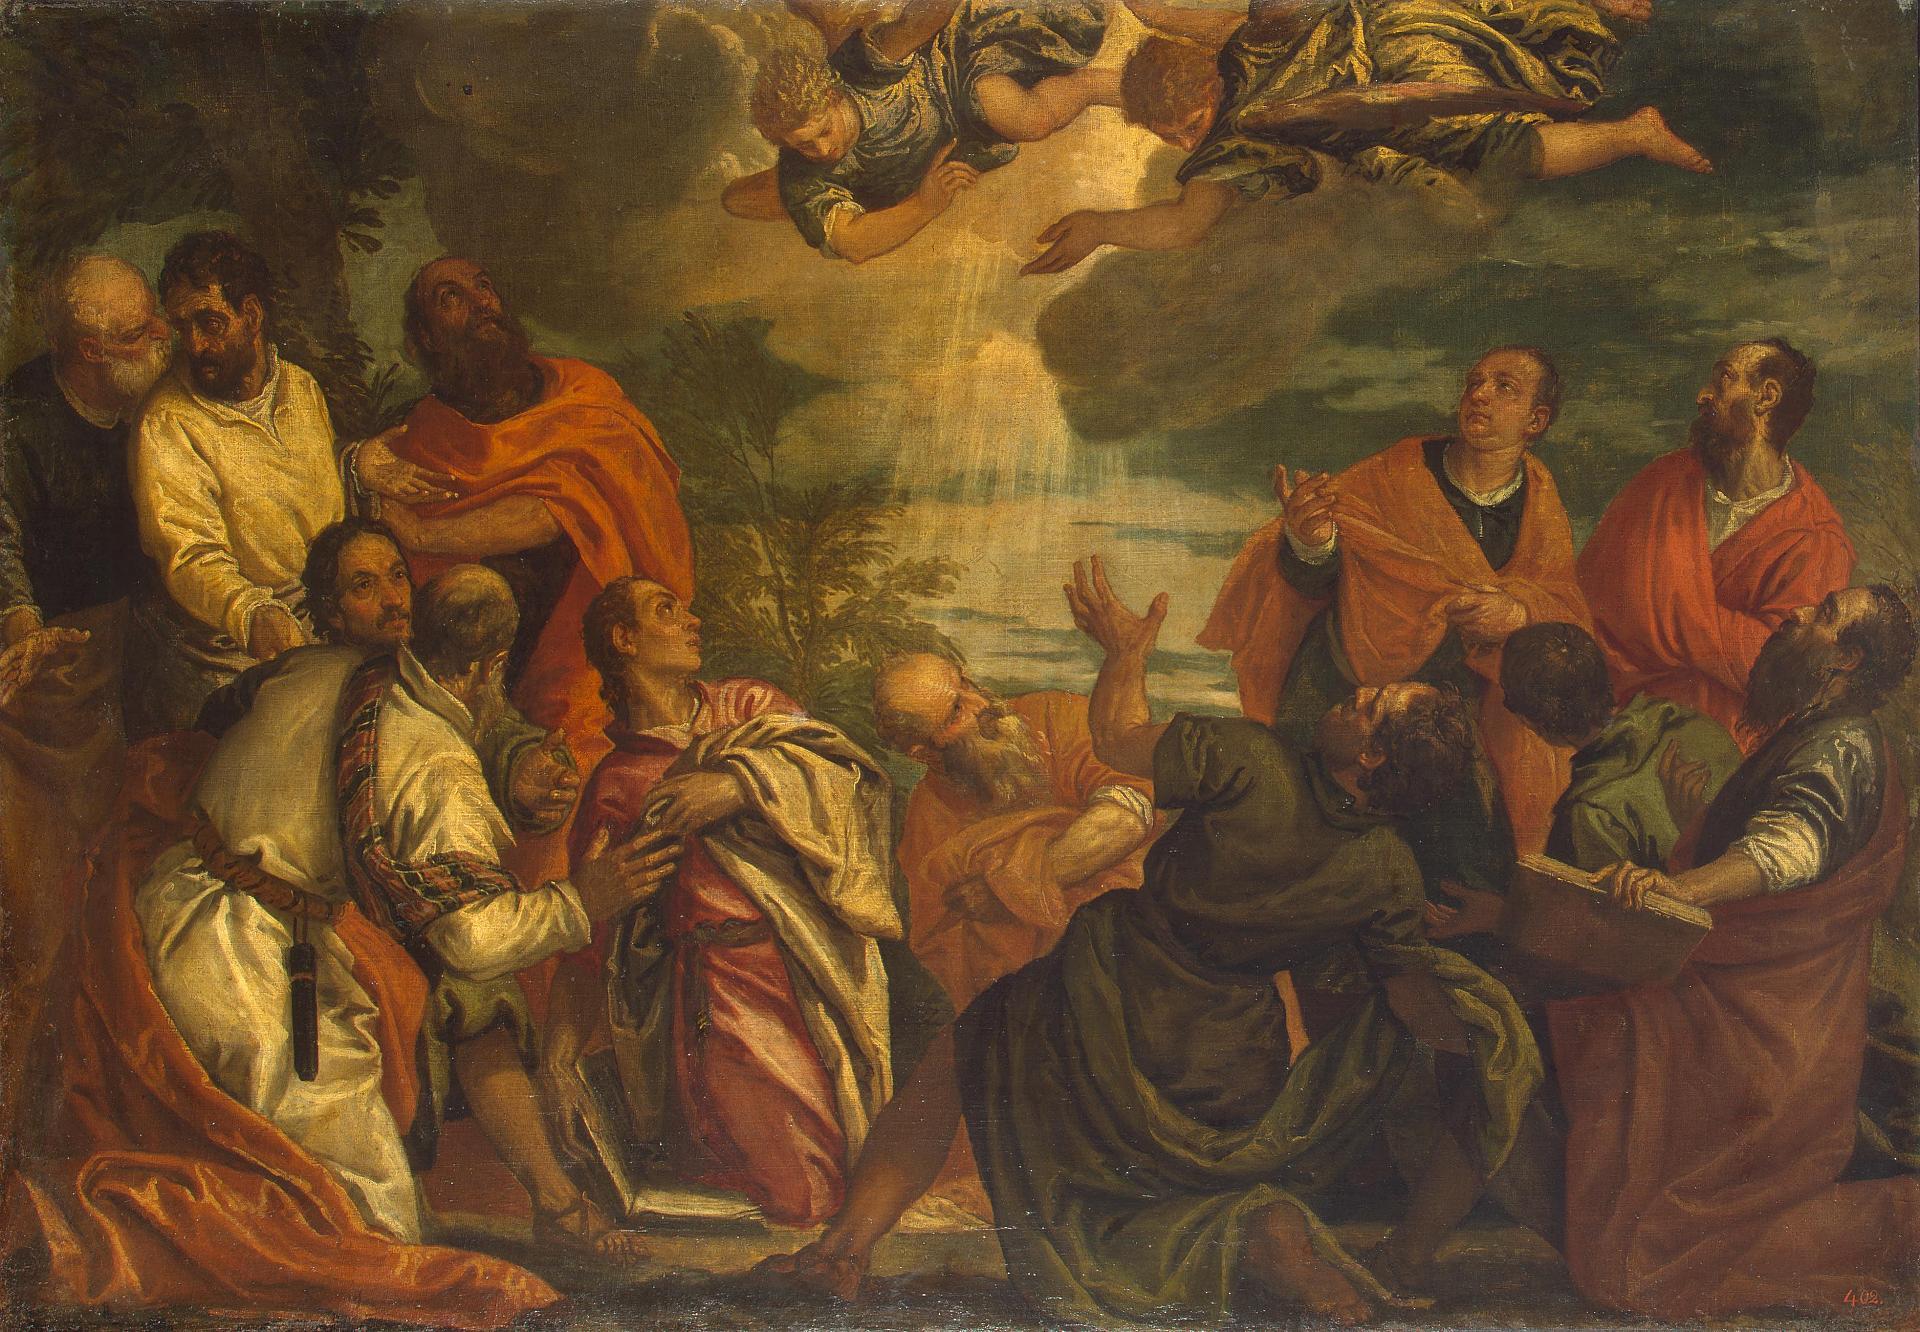 Бенфатто дель Фризо, Альвизе_Cошествие Святого духа на Апостолов. Картина парная к Воскресению Христа Веронезе_Эрмитаж